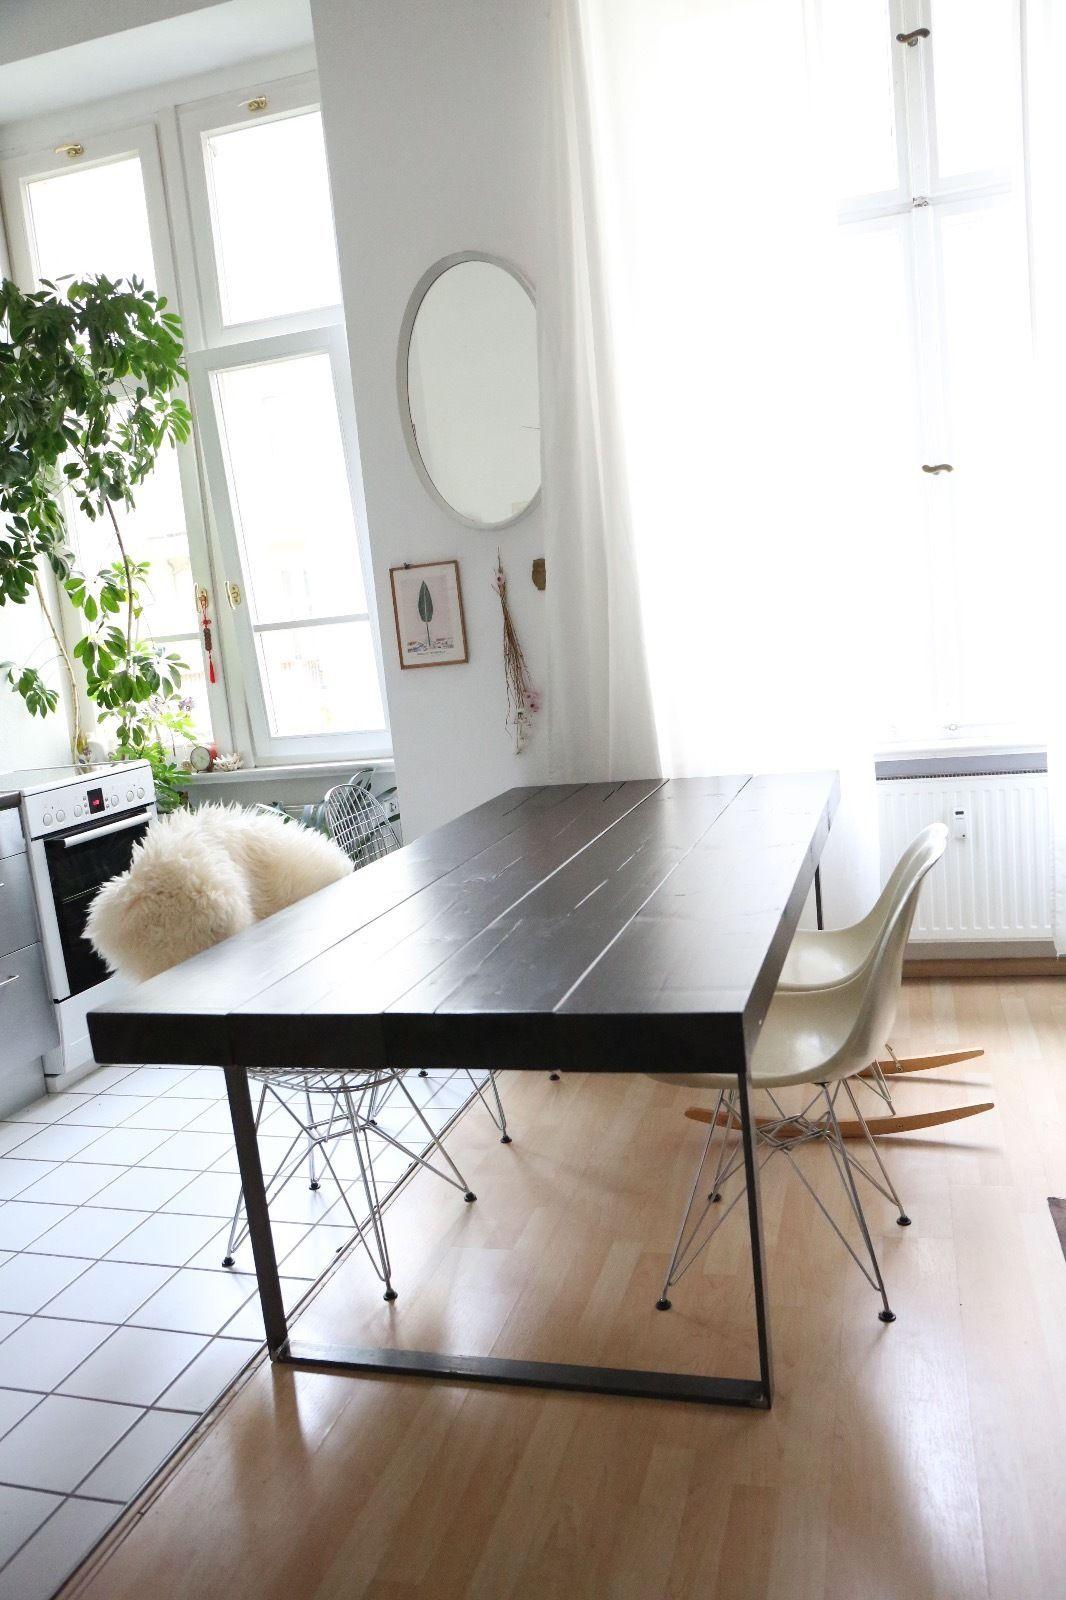 Designer Wohnen designer esstisch arbeit industriedesign massivholz dänisch eames